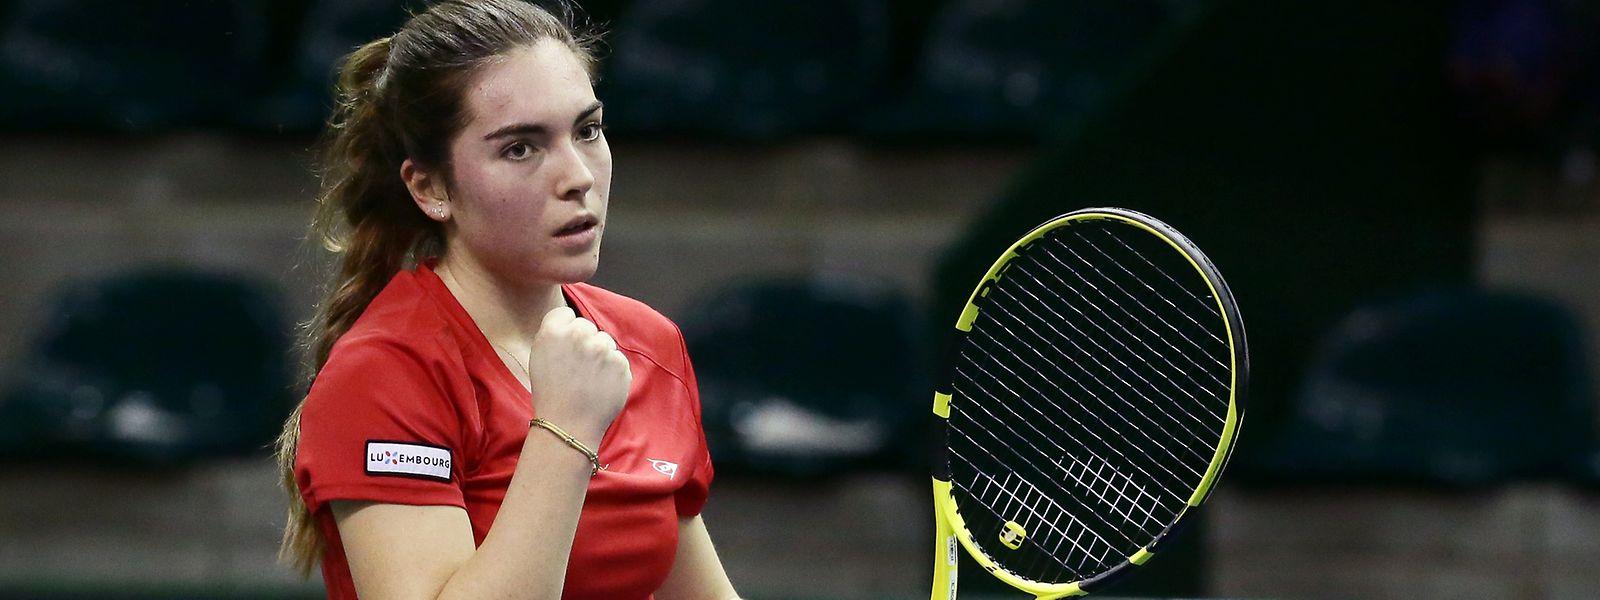 Eléonora Molinaro kann sich über Turniersieg Nummer drei freuen.